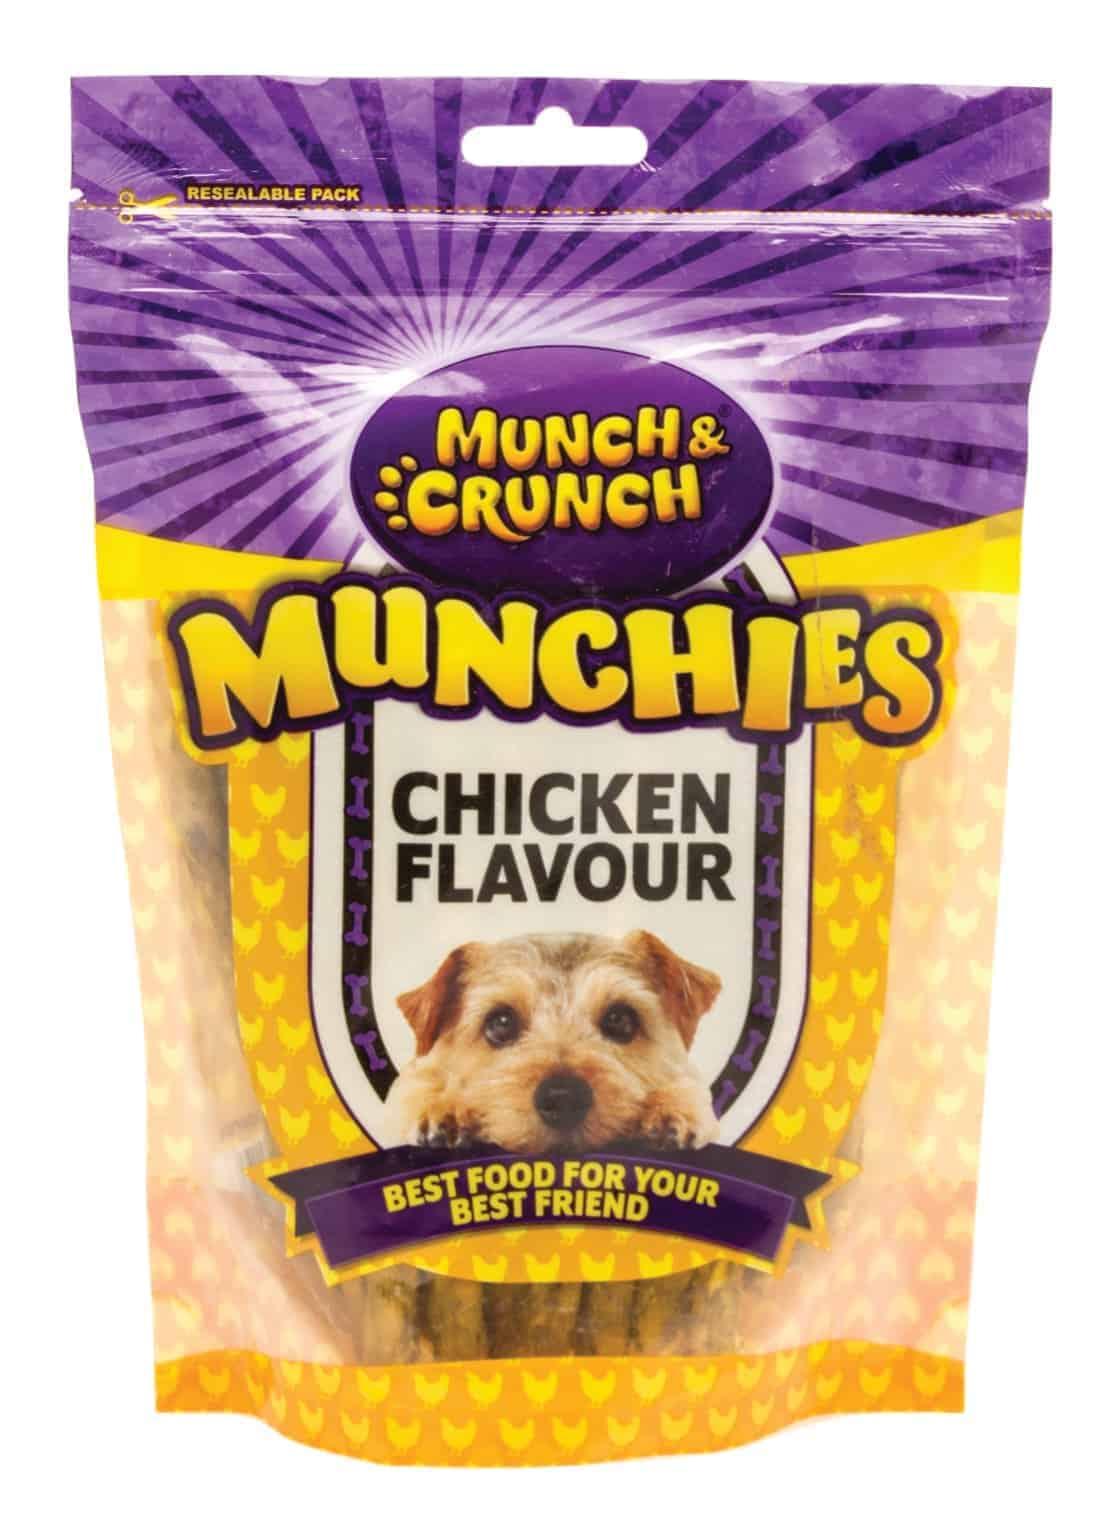 Munch Crunch Chicken Munchies